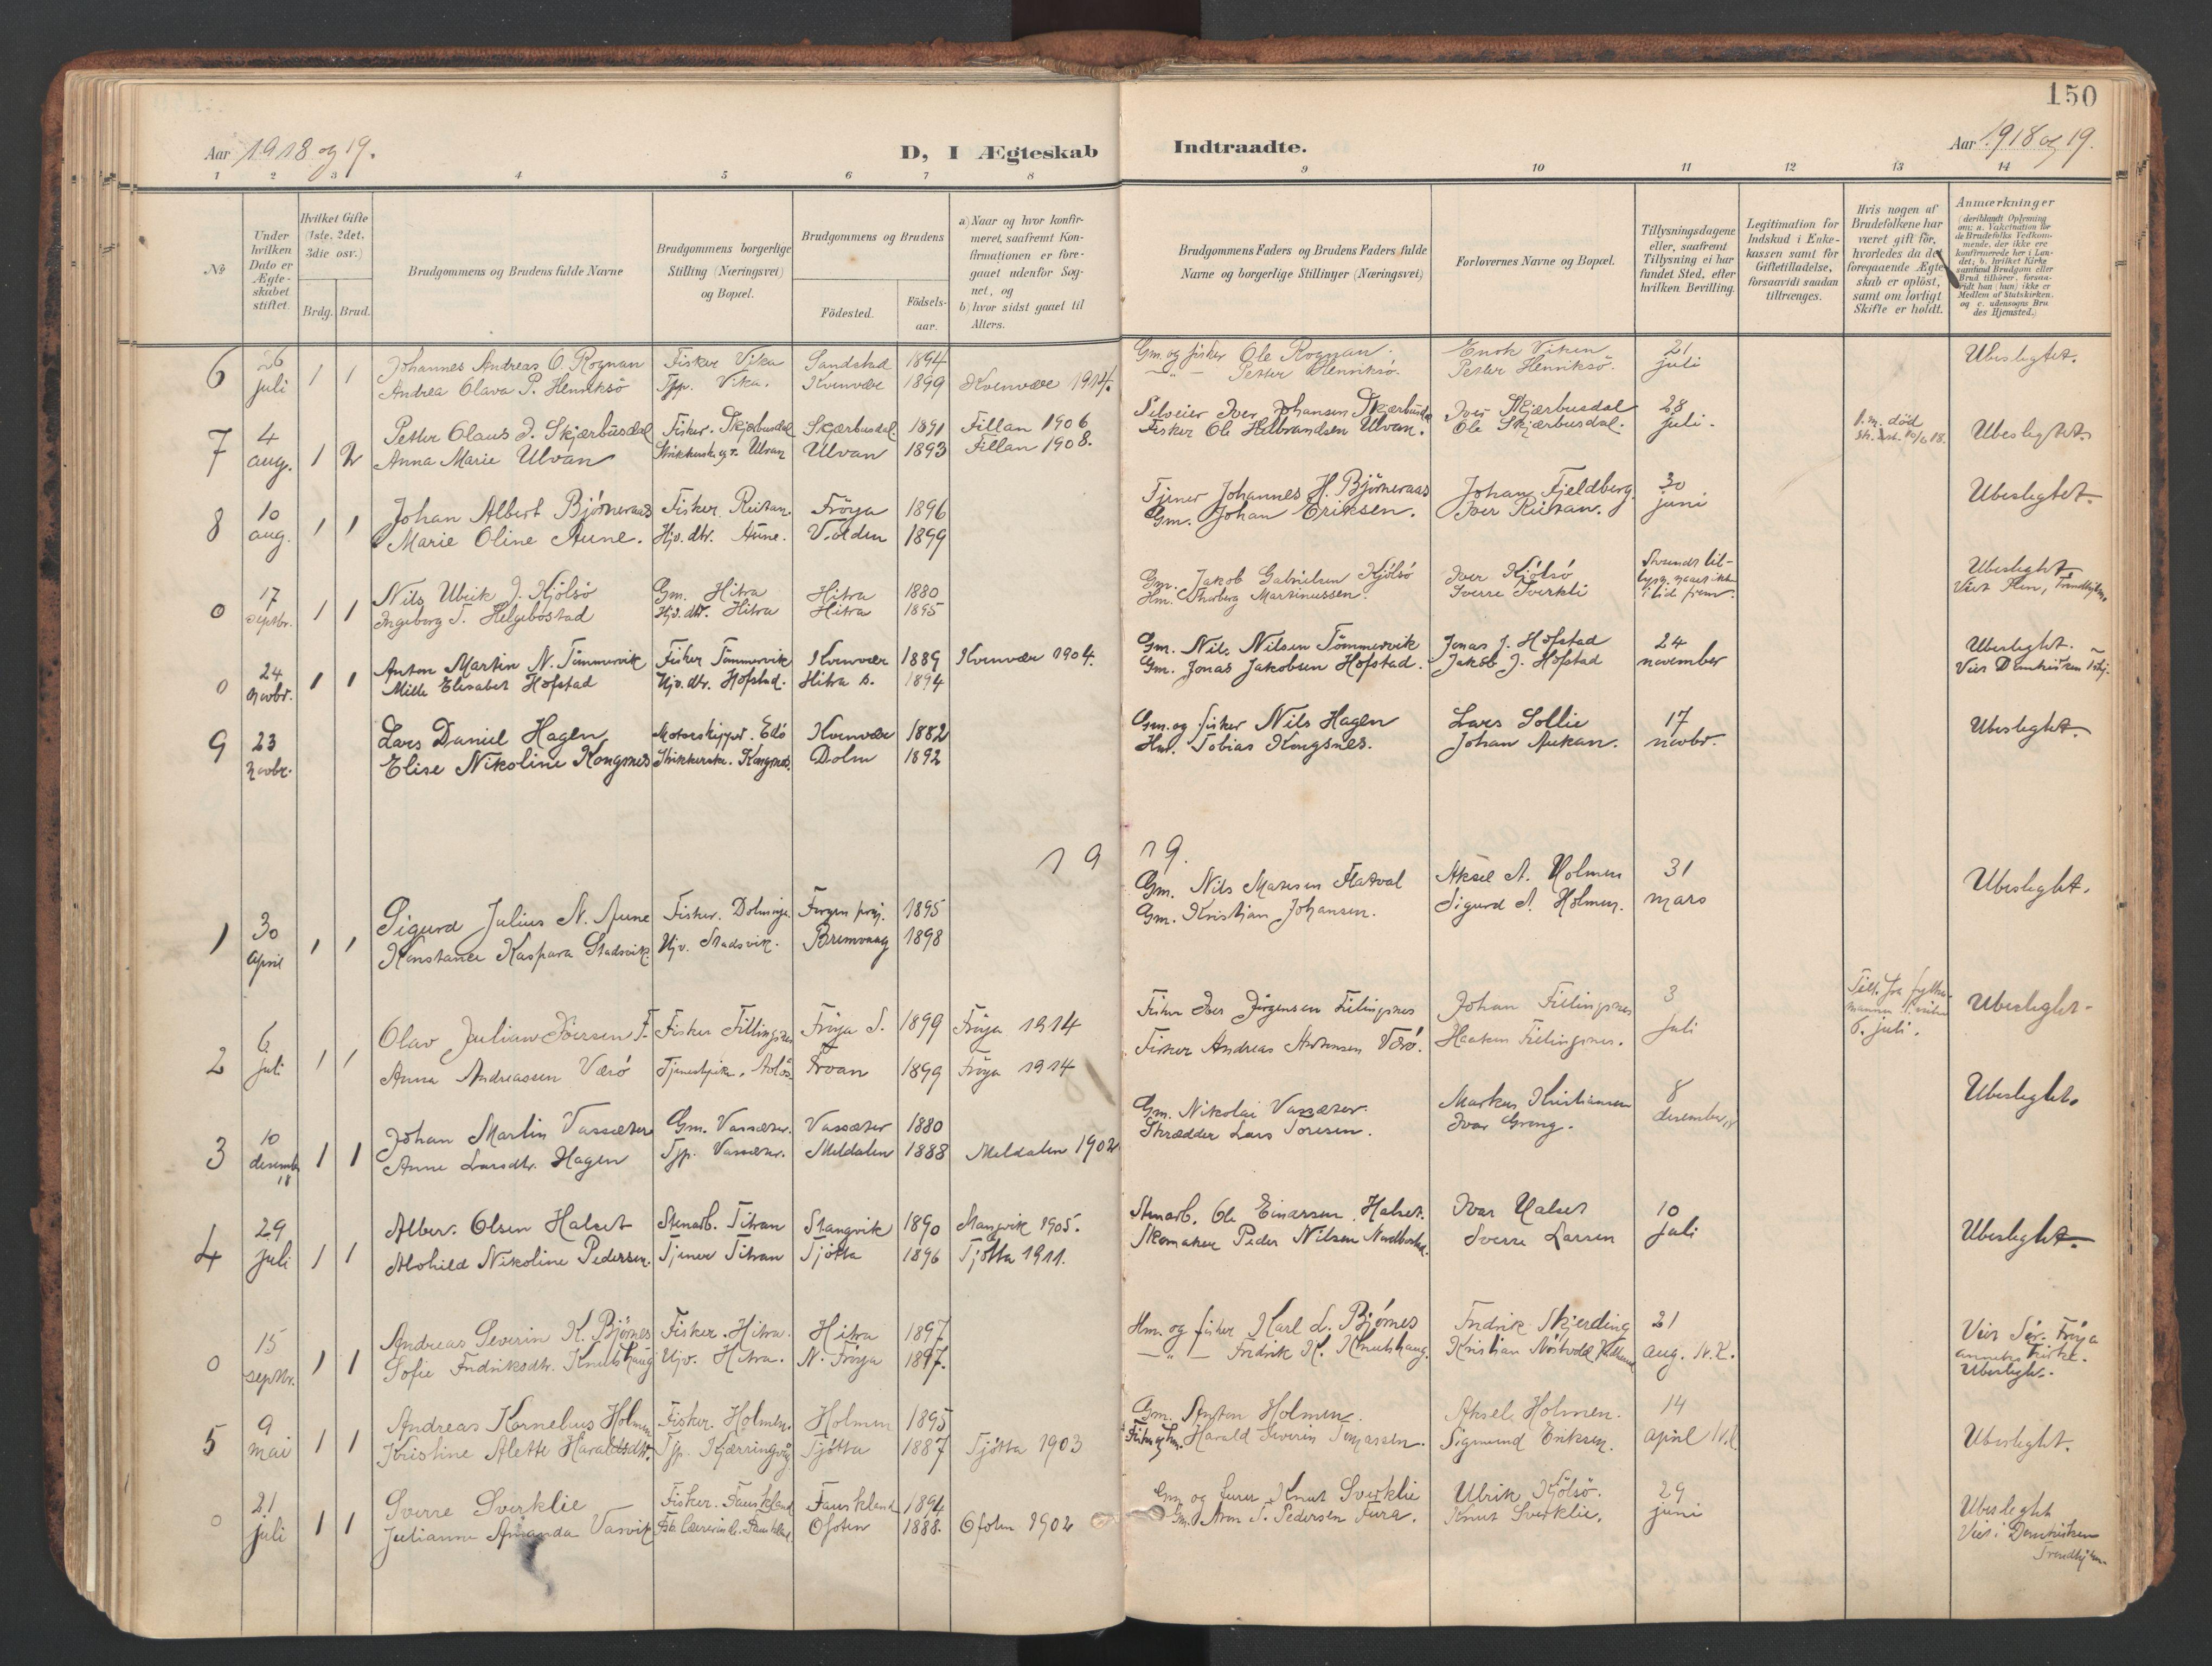 SAT, Ministerialprotokoller, klokkerbøker og fødselsregistre - Sør-Trøndelag, 634/L0537: Ministerialbok nr. 634A13, 1896-1922, s. 150